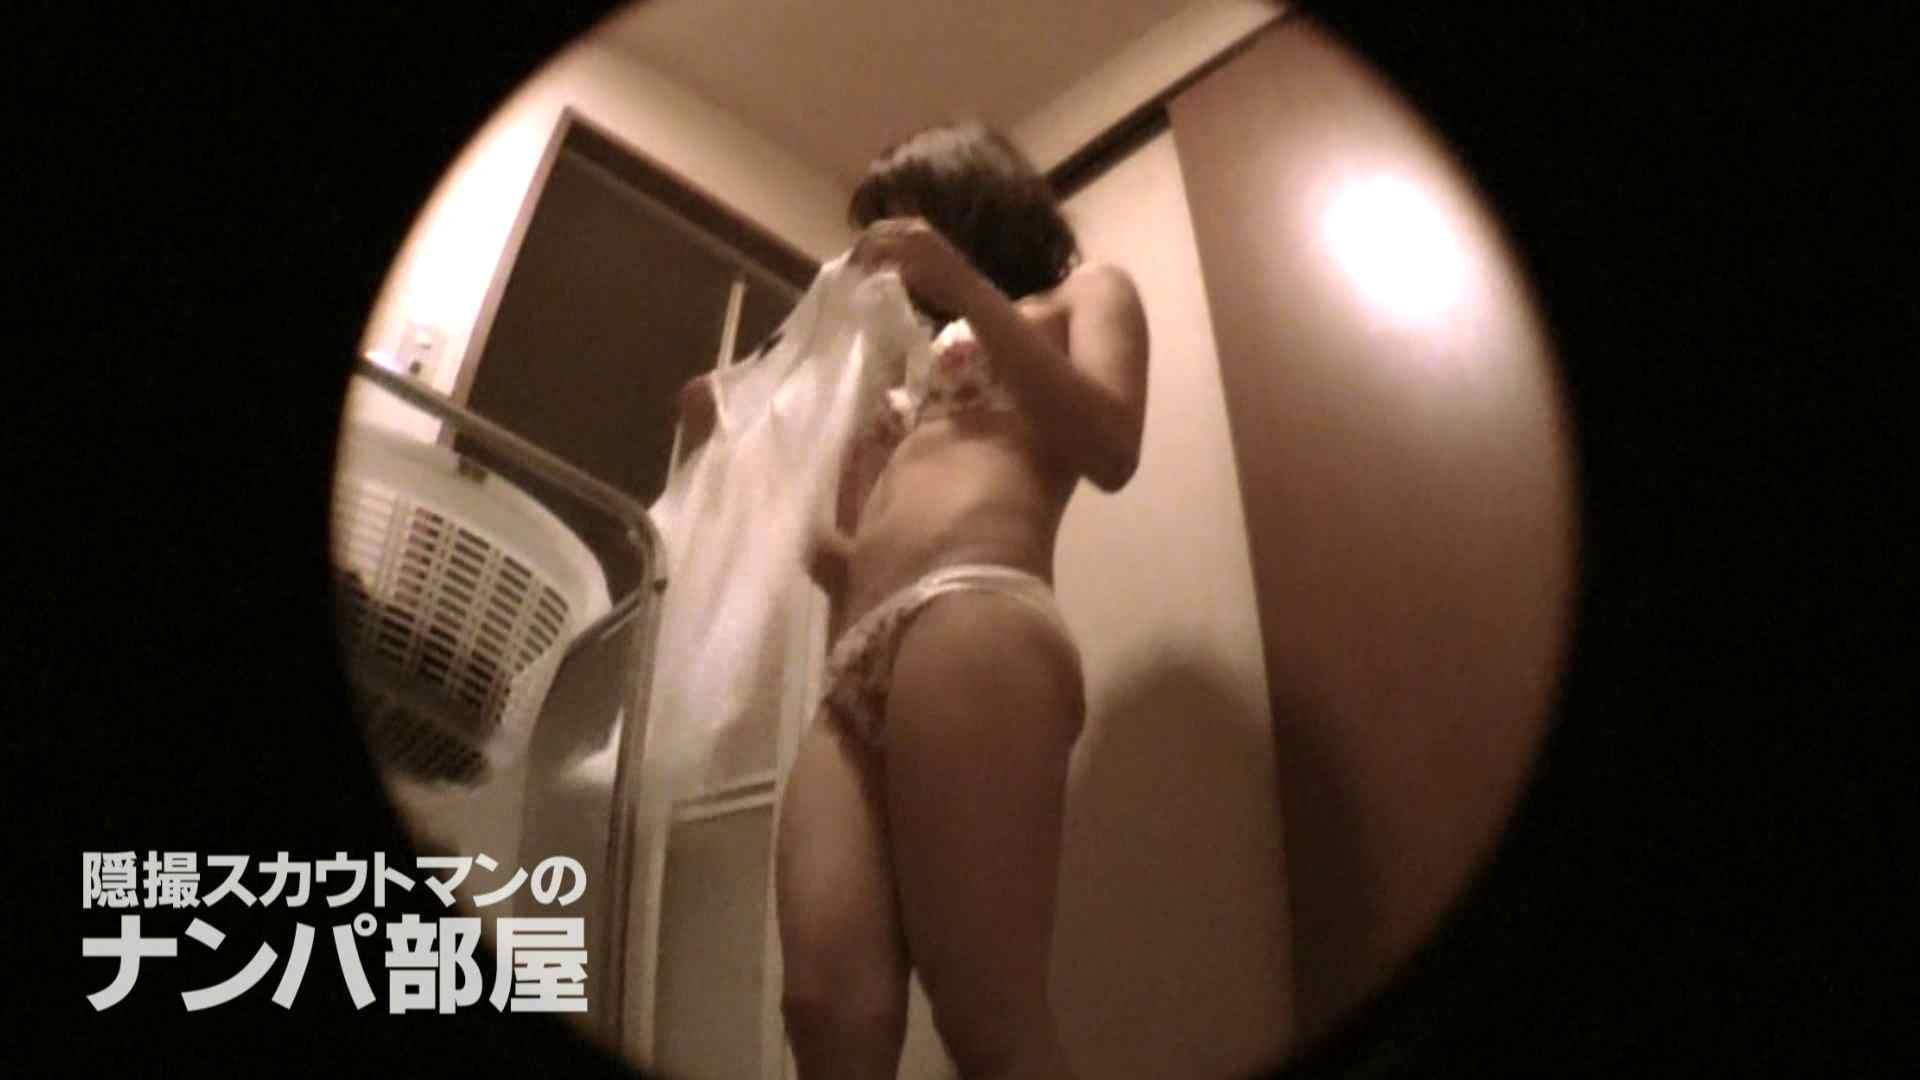 隠撮スカウトマンのナンパ部屋~風俗デビュー前のつまみ食い~ siivol.2 OL裸体 | ナンパ  58画像 24